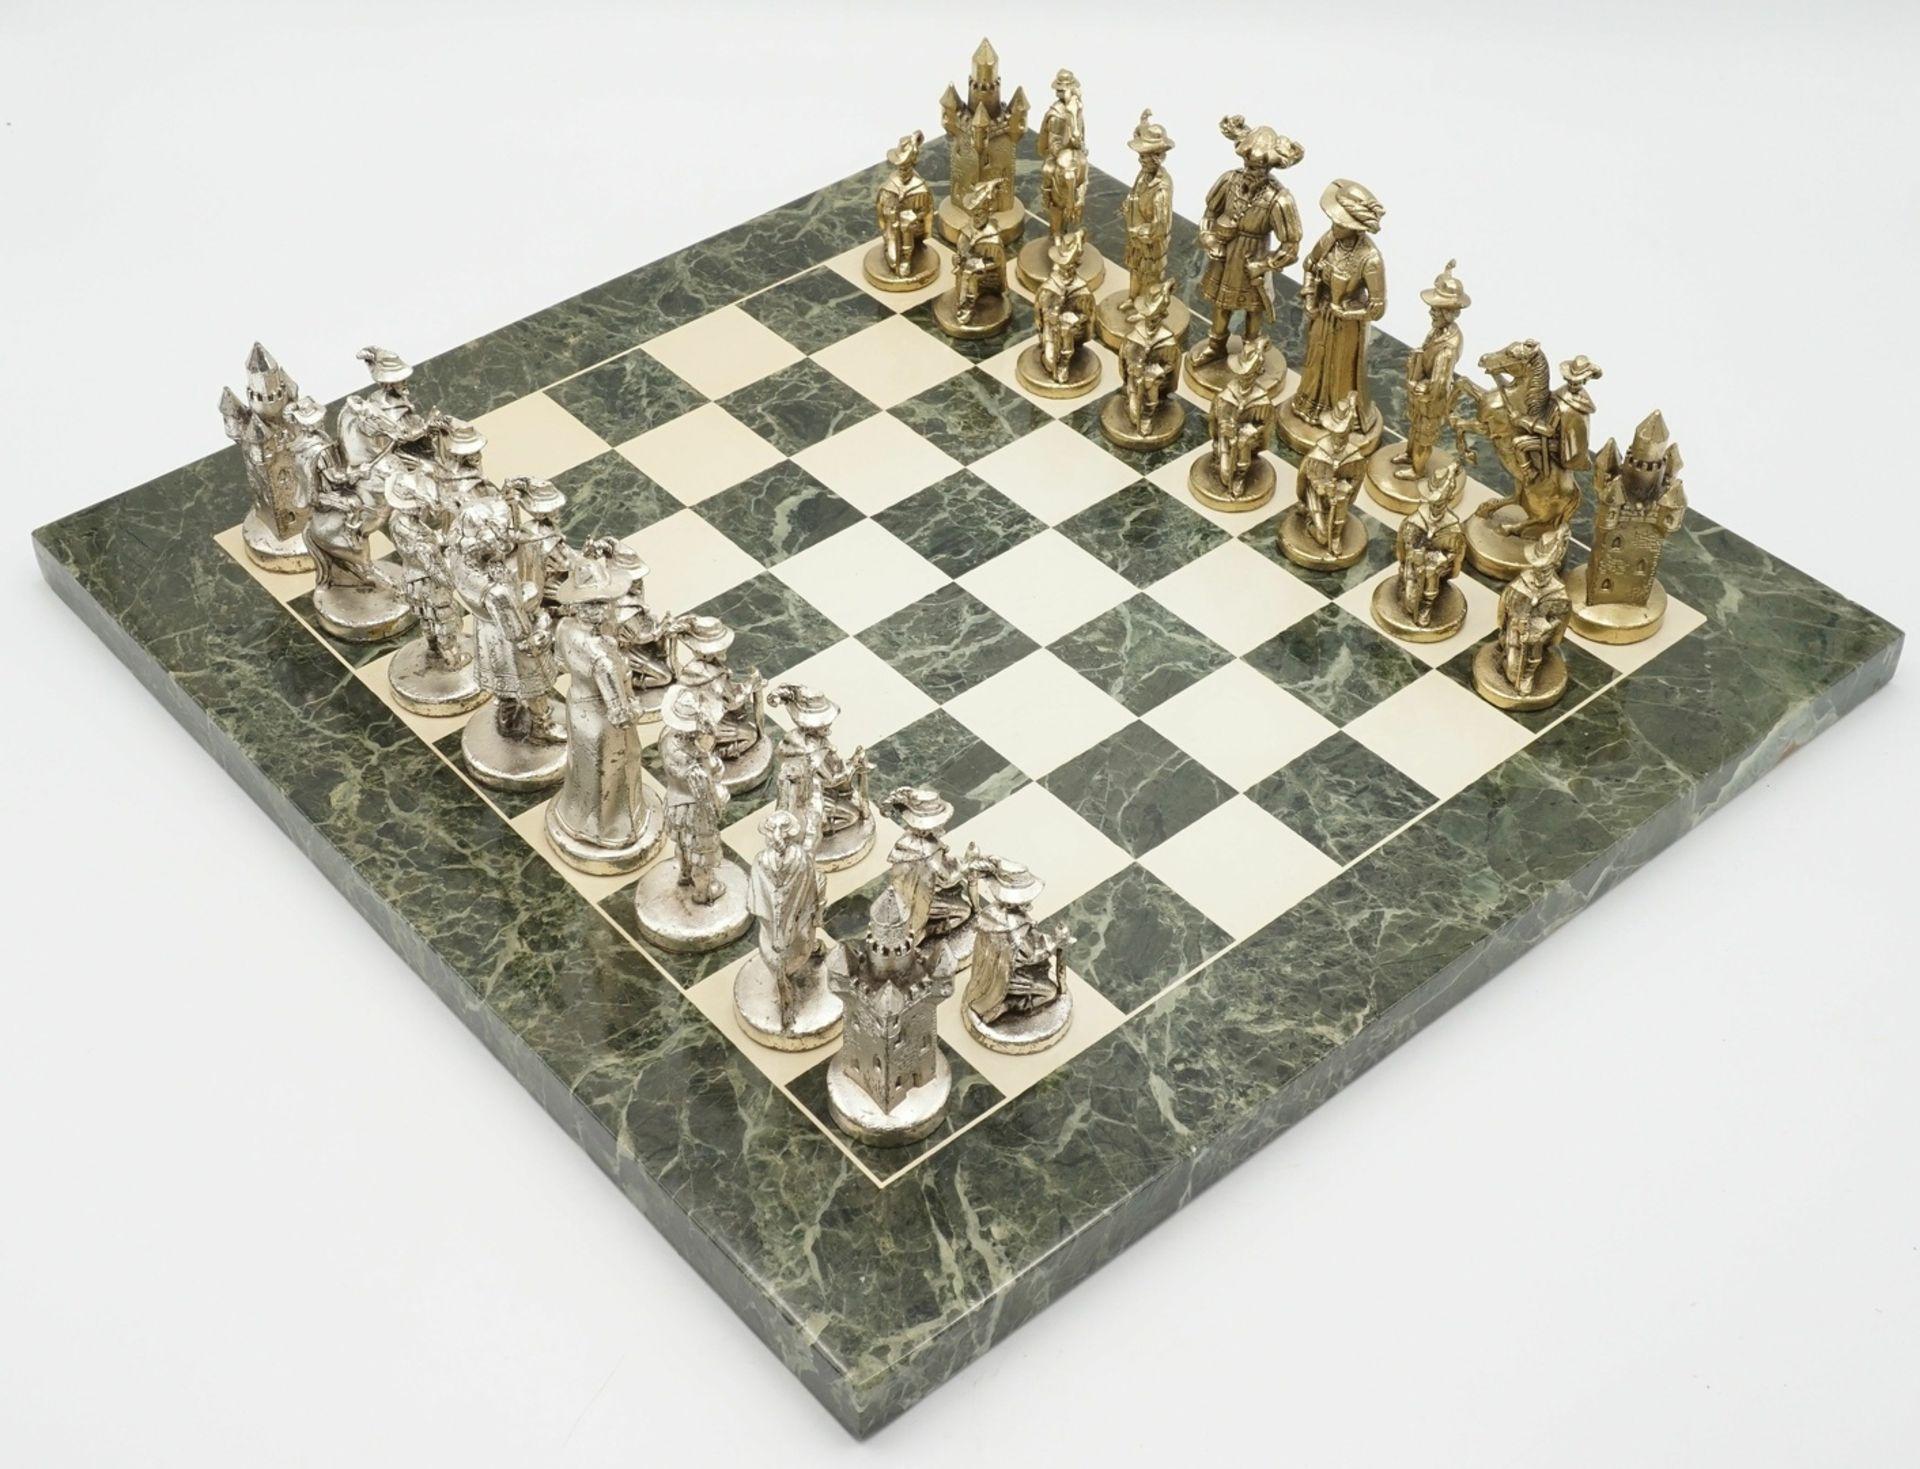 Marmor-Schachbrett mit Figuren in historischem Gewand, Ende 20. Jh. - Bild 2 aus 4